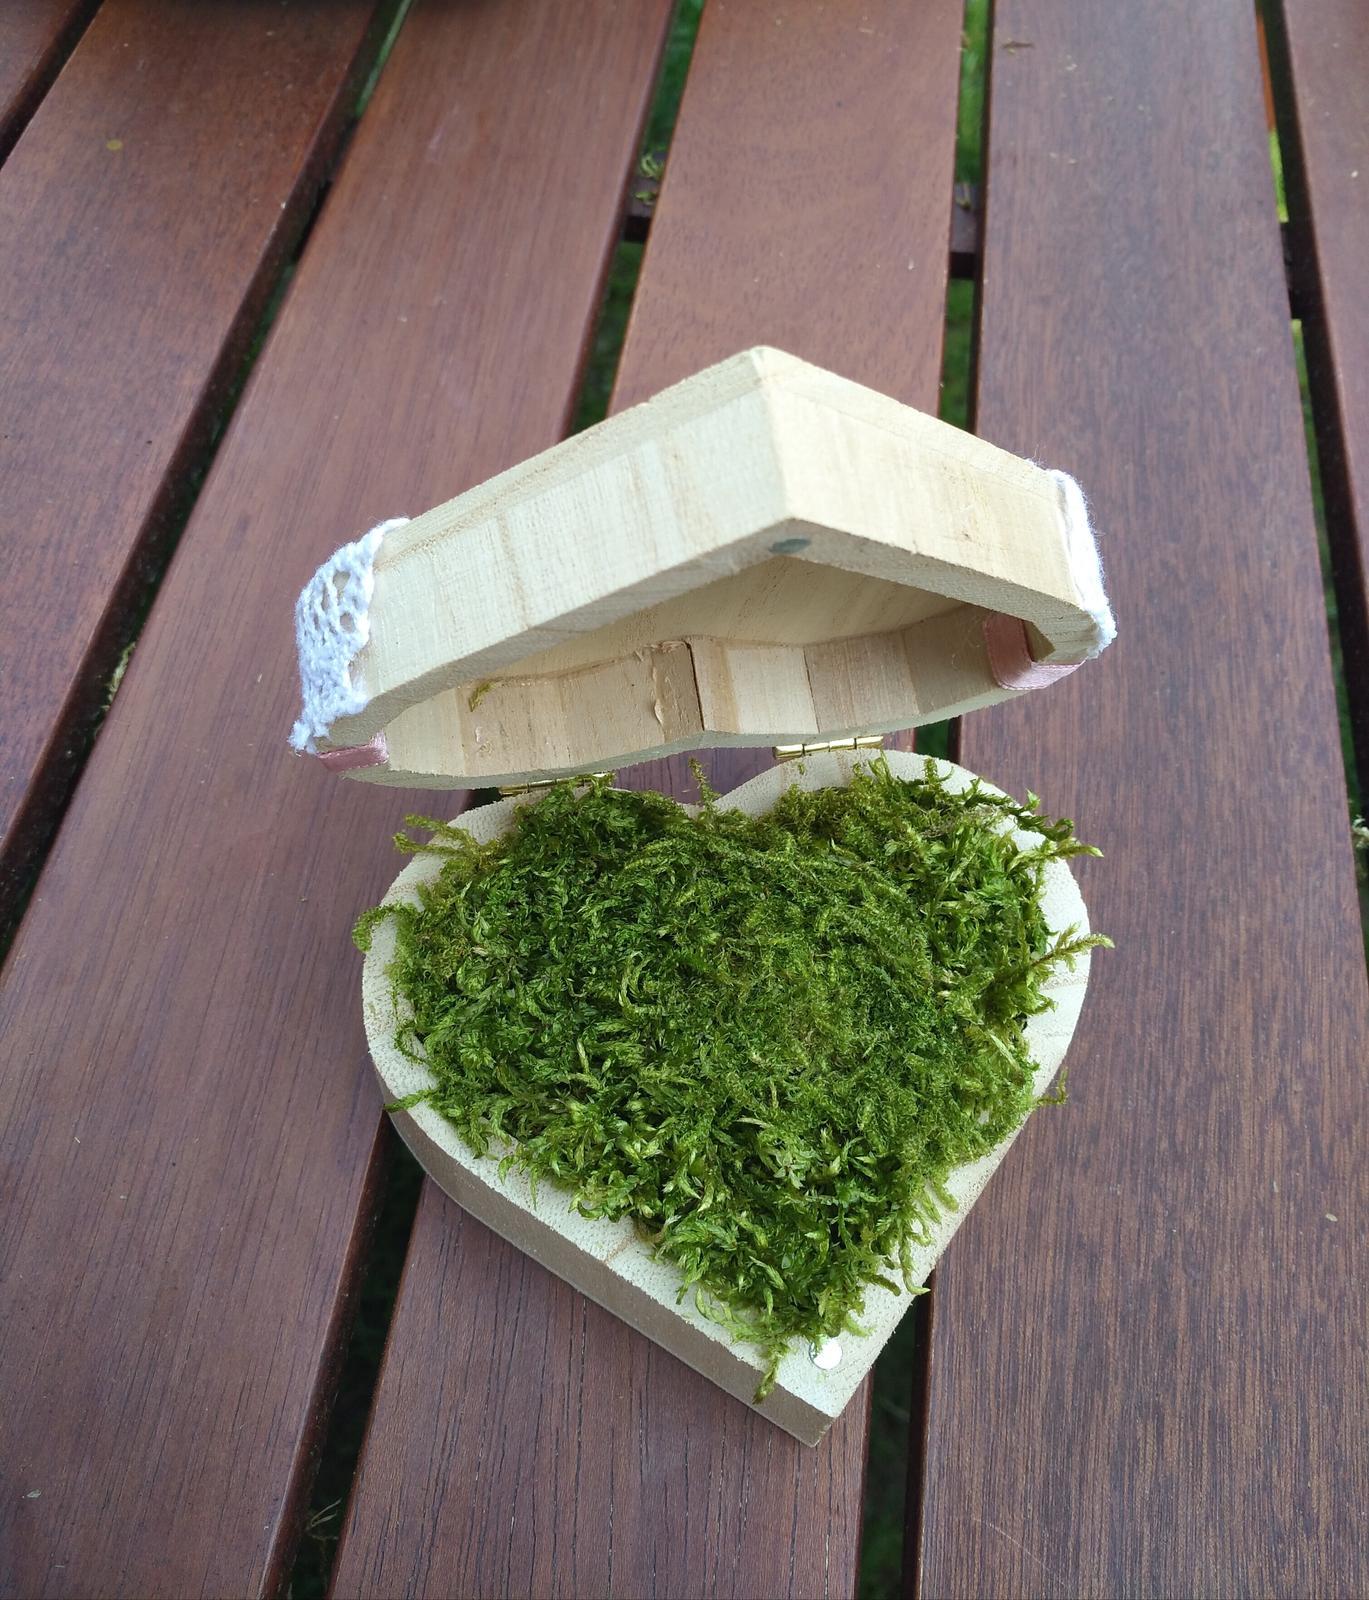 Moje svatební přípravy aneb DIY SVATEBNÍ NÁVODY - Krabičku vycpeme mechem a zapíchneme dva ozdobné špendlíky,pro efekt jsem vycpala dno aranžovaci hmotou,avy špendliky dobře držely